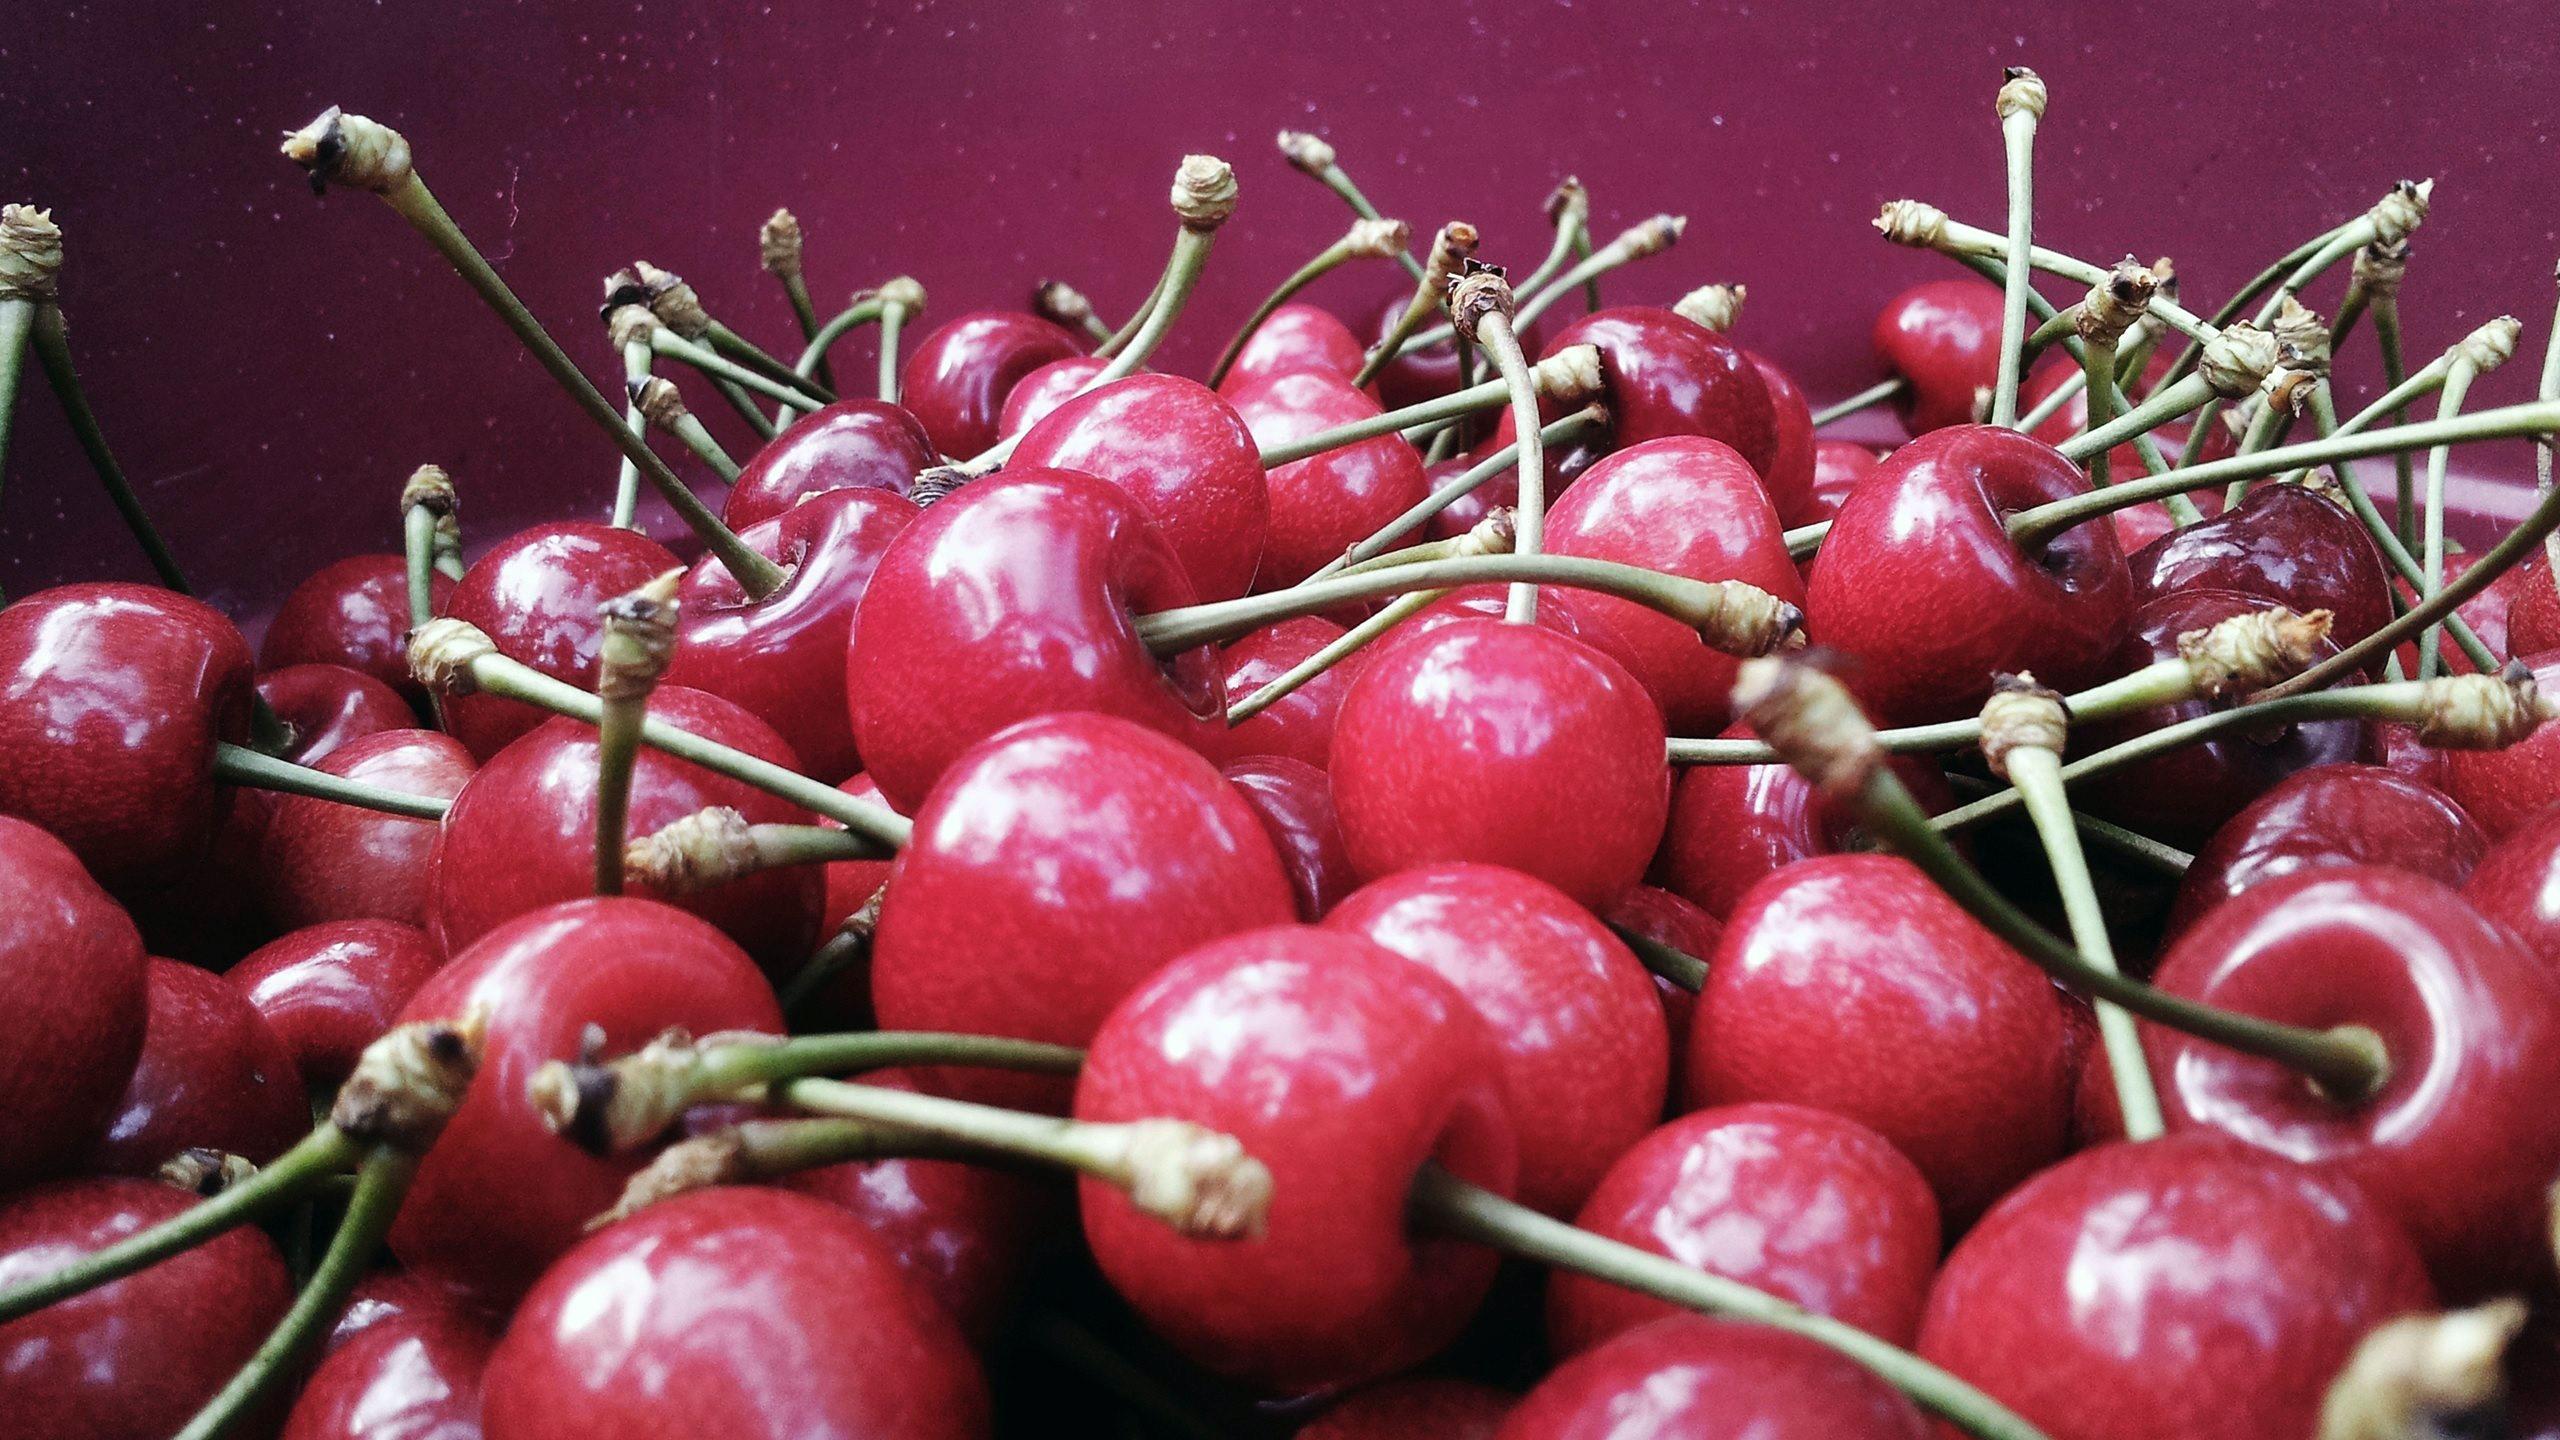 Many delicious cherries